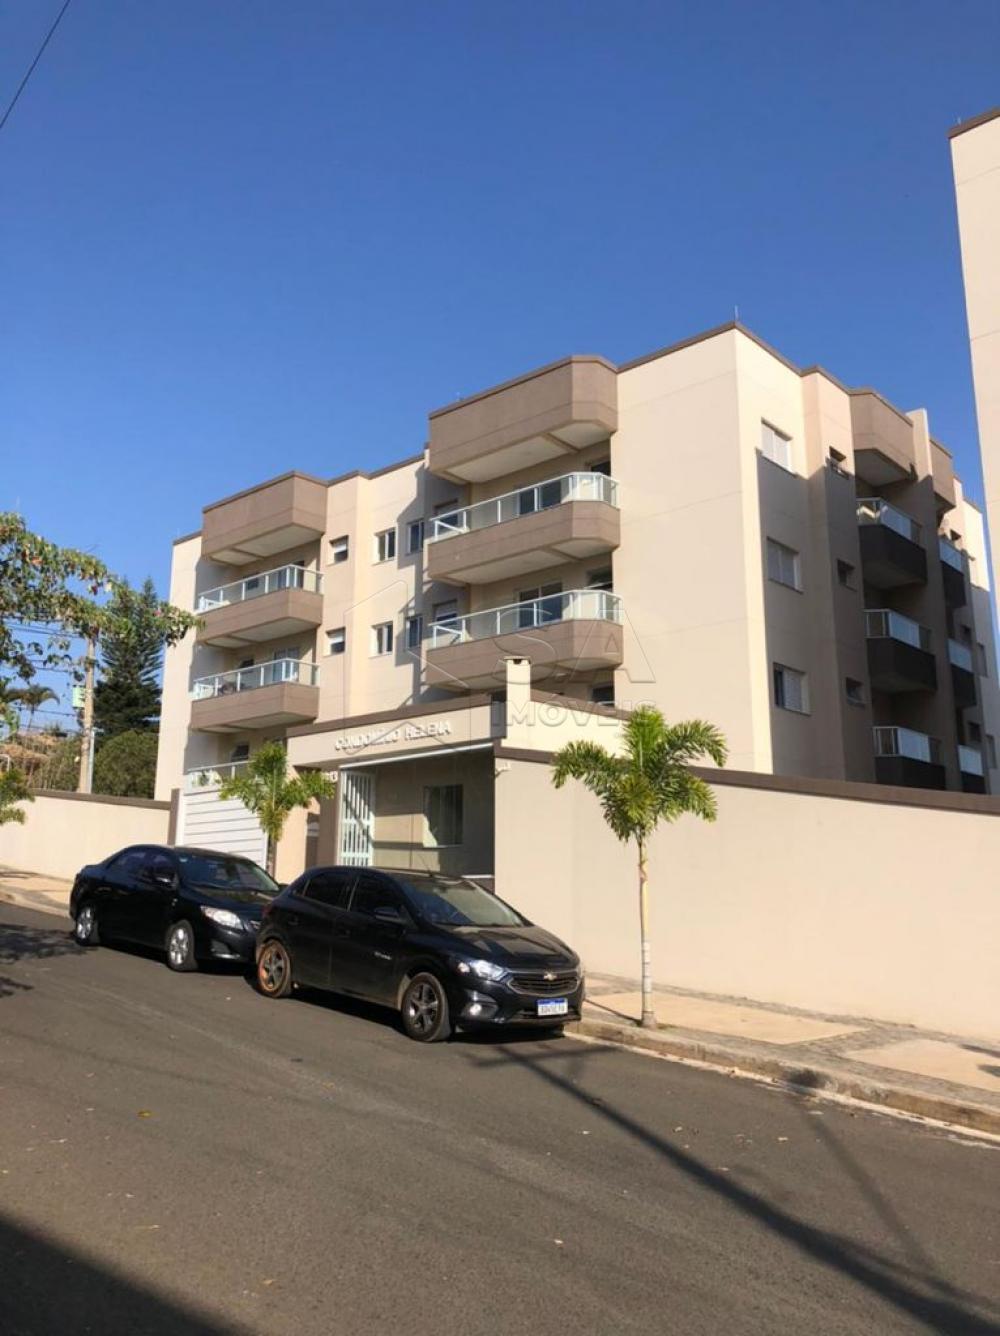 Comprar Apartamento / Padrão em Botucatu R$ 560.000,00 - Foto 1